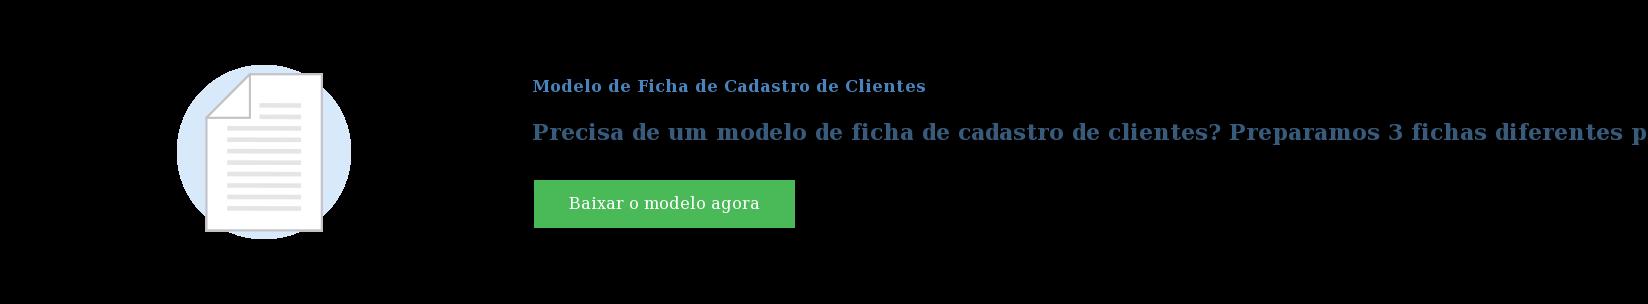 Modelo de Ficha de Cadastro de Clientes  Precisa de um modelo de ficha de cadastro de clientes? Preparamos 3 fichas  diferentes para empresas diferentes Baixar o modelo agora